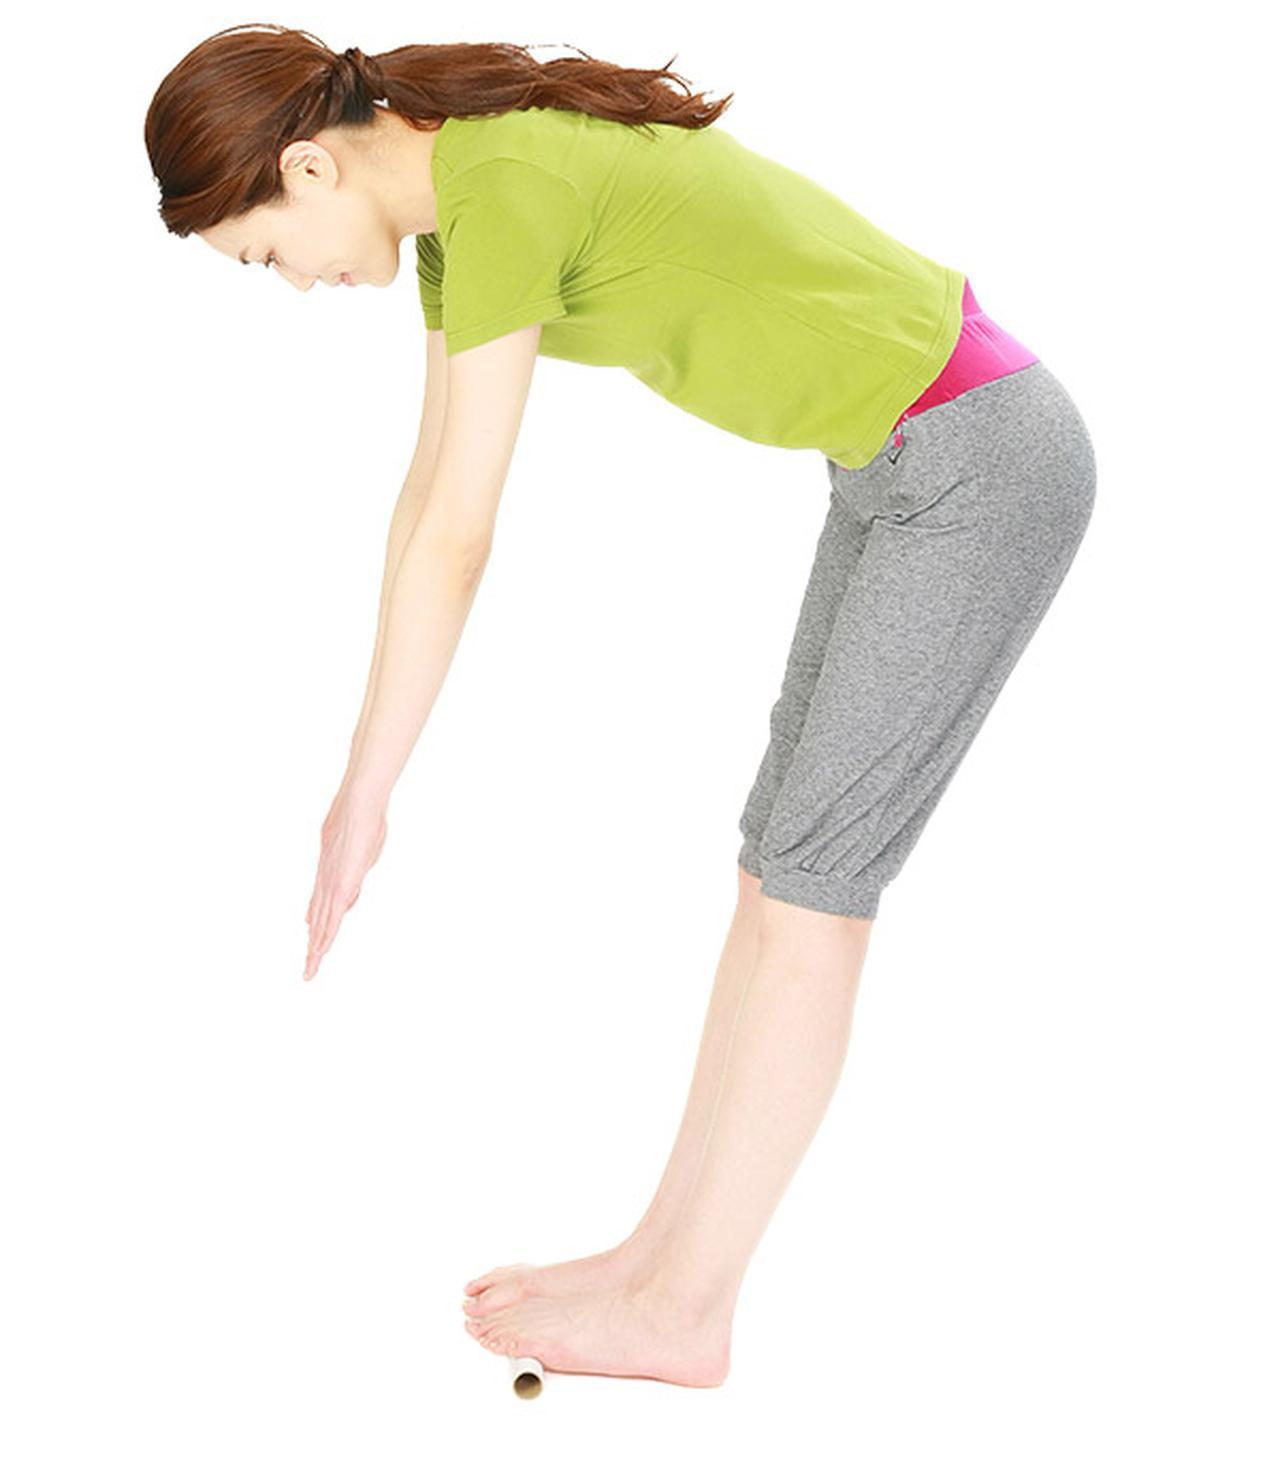 画像3: 筒踏み前屈のやり方